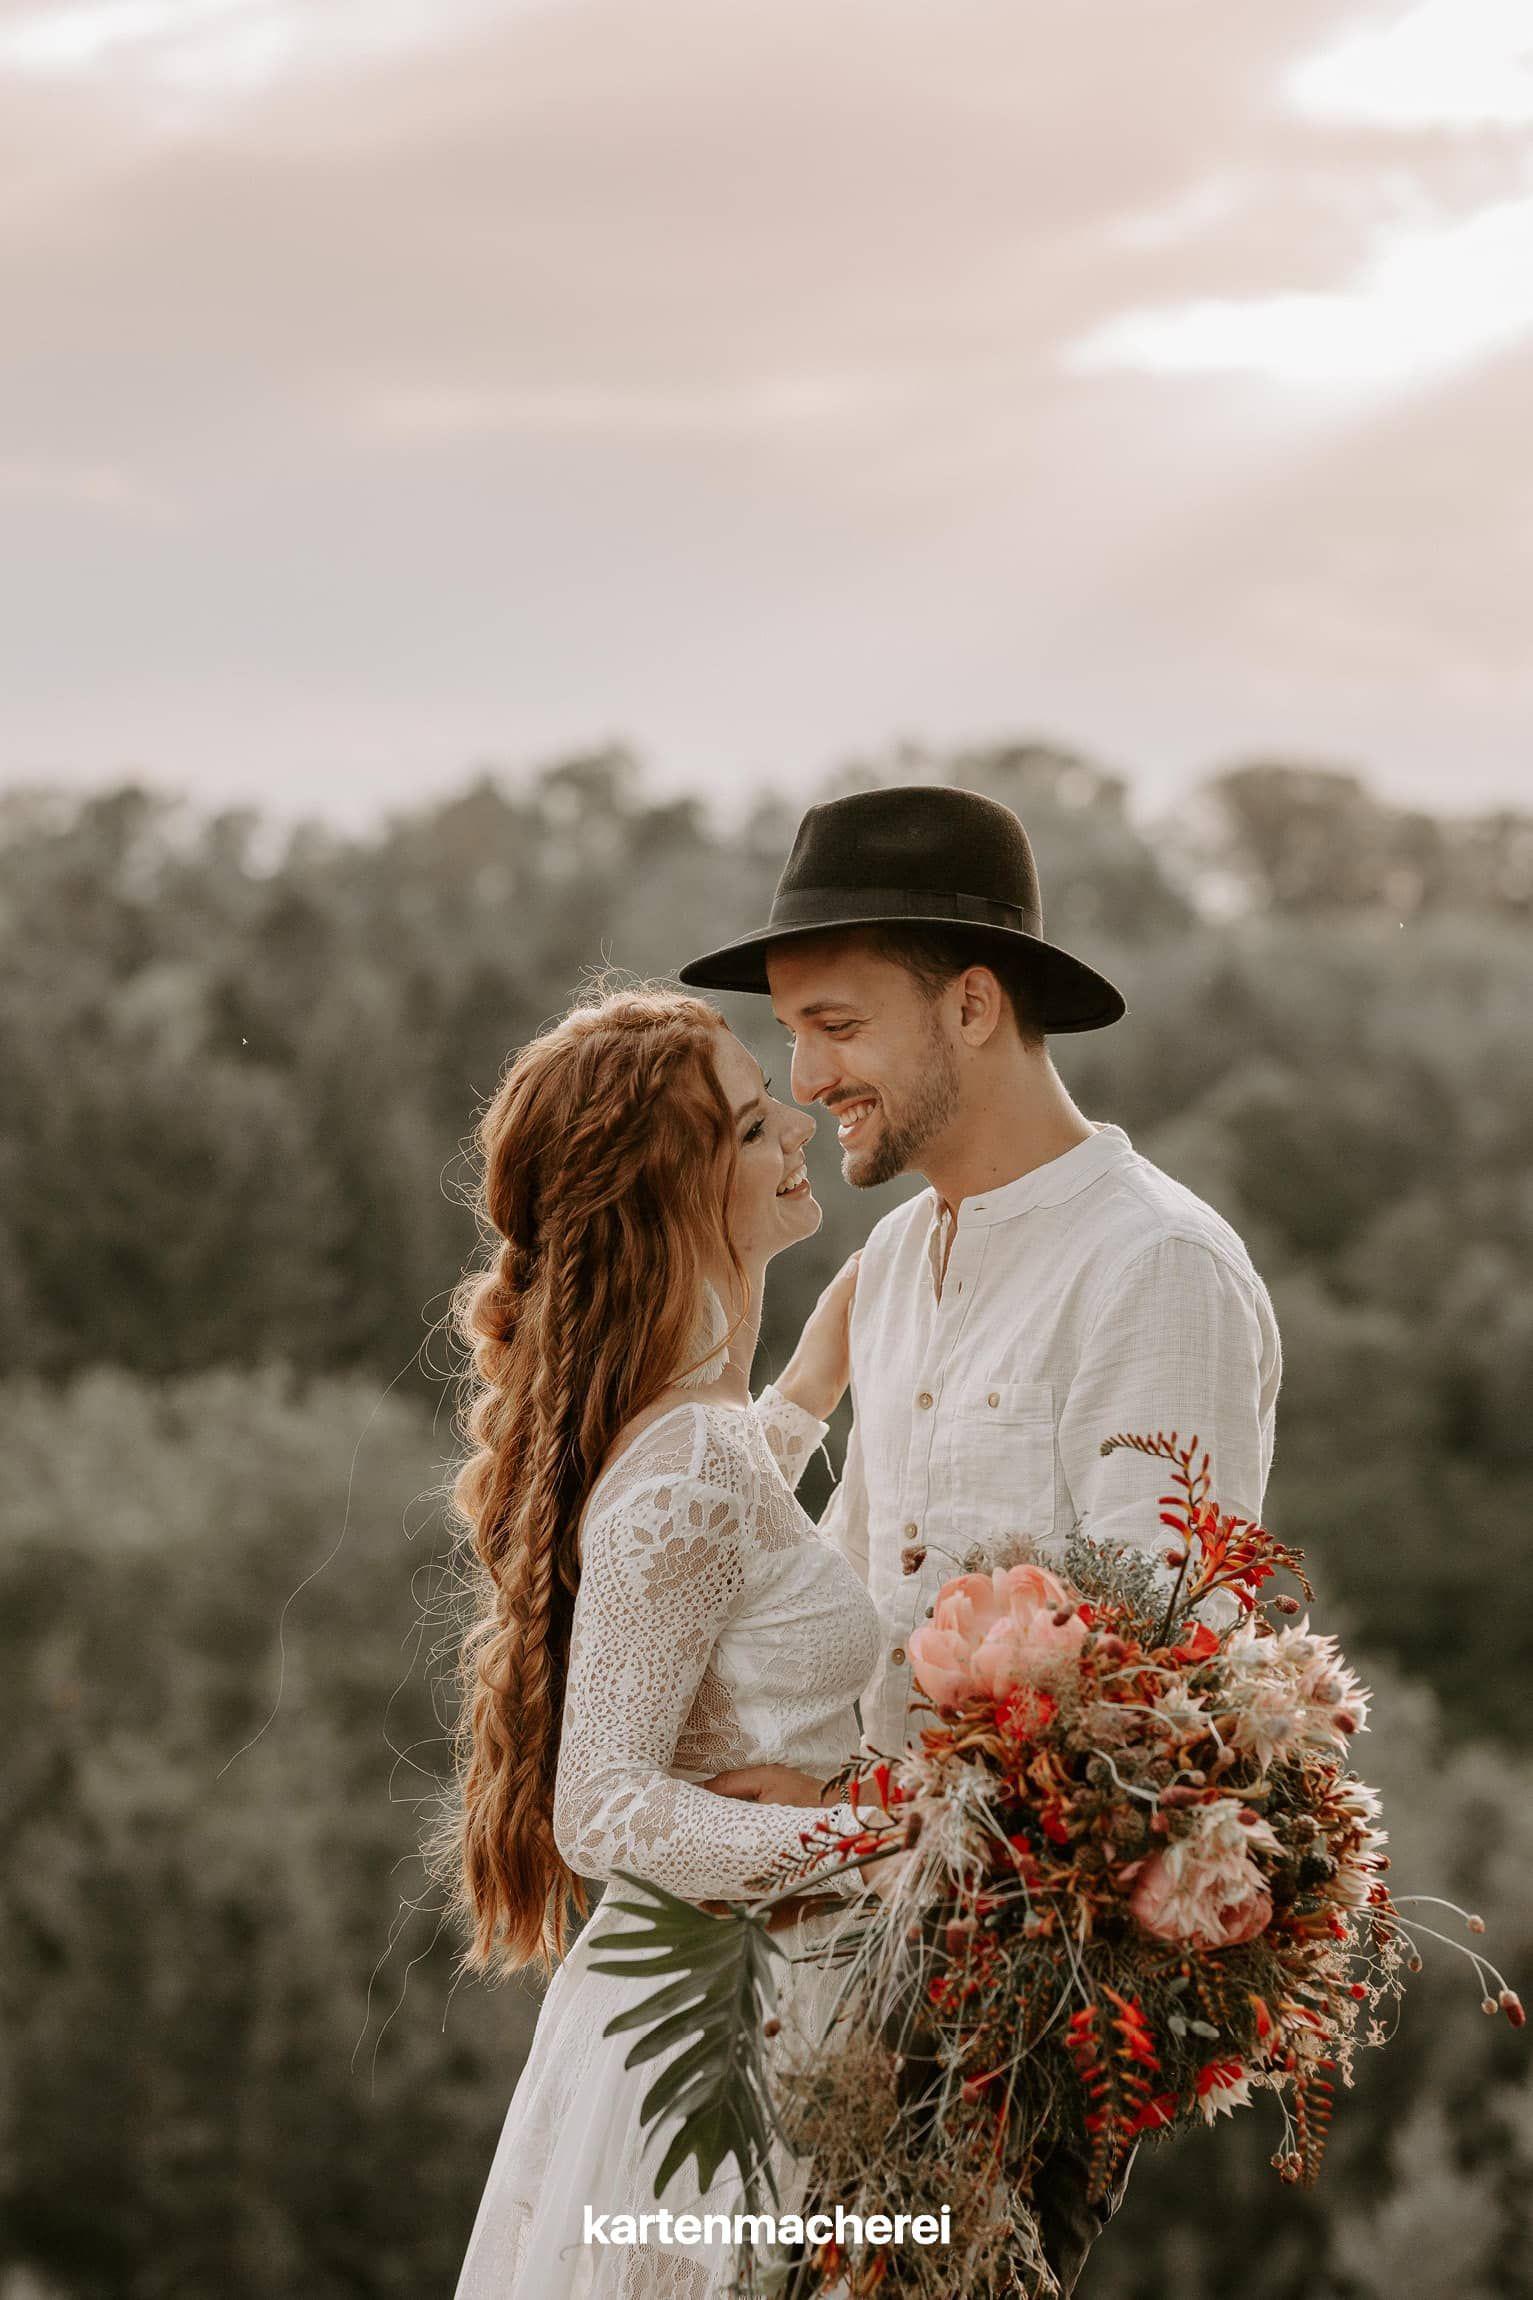 Liebe bis ins kleinste Detail: So gelingt die magische Boho-Hochzeit